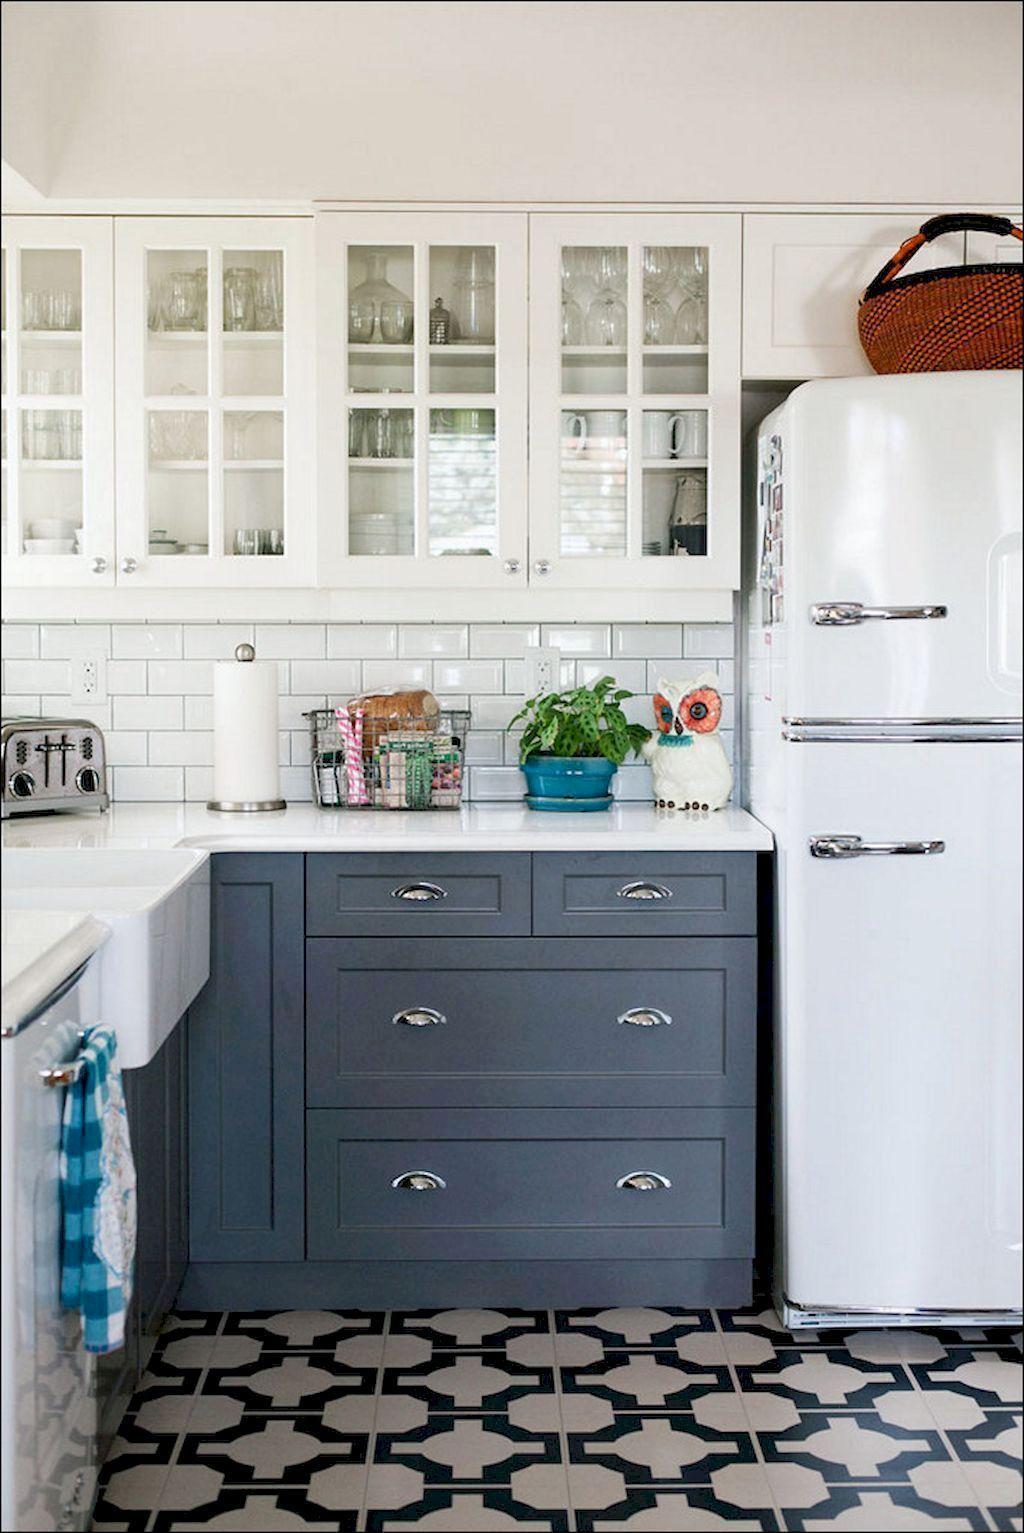 Küchenideen ahornschränke pin von jennie willis auf kitchen remodel  pinterest  haus design